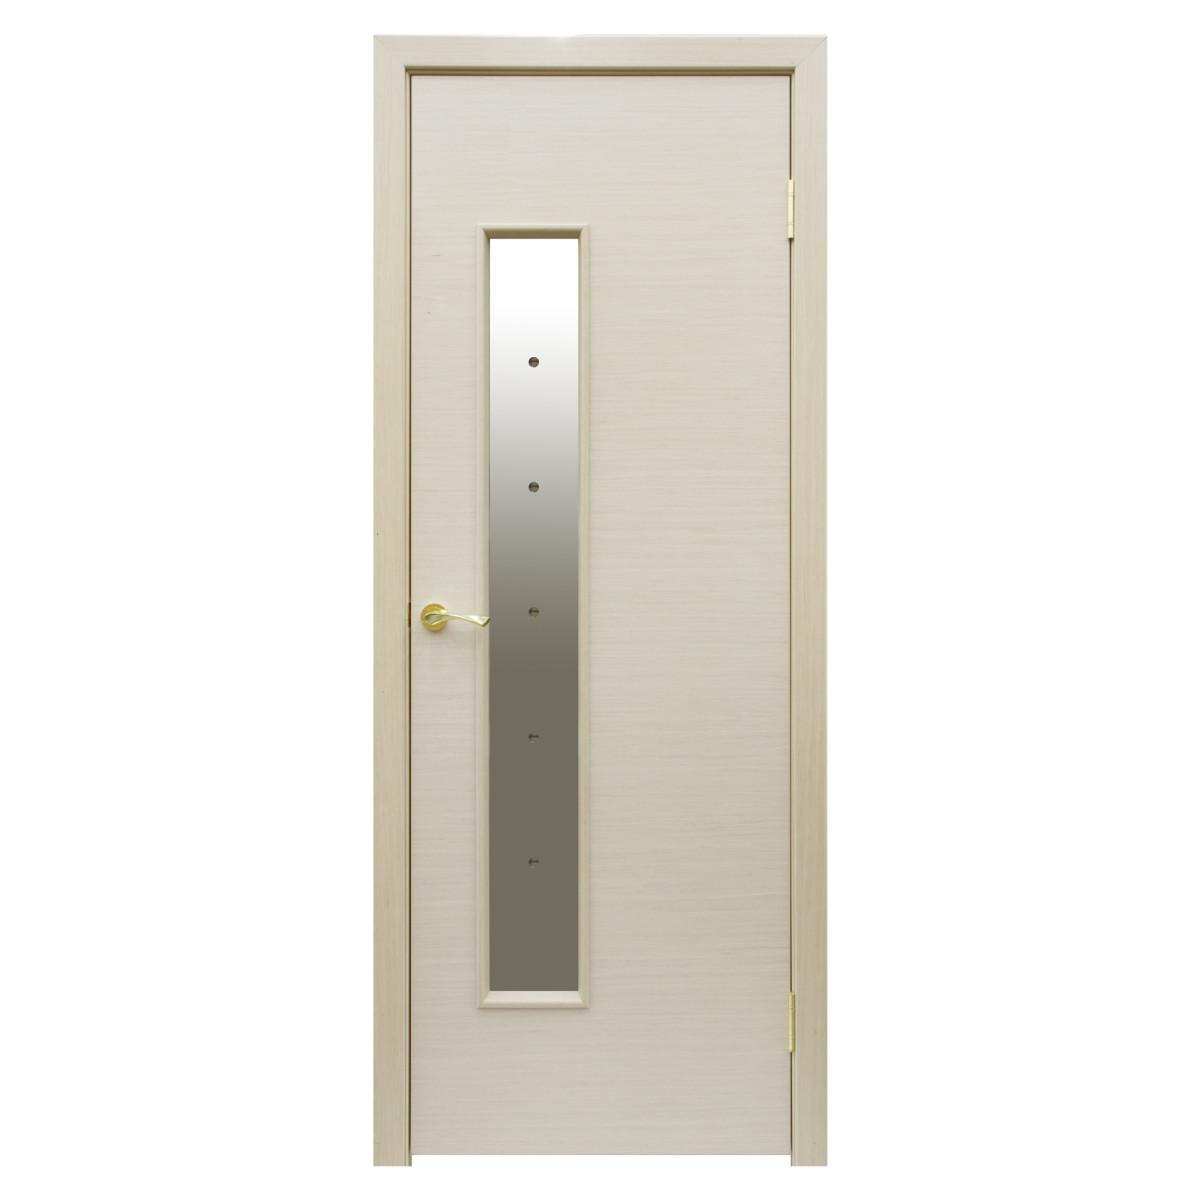 Дверь межкомнатная остеклённая Шарлотт 80x200 см шпон цвет дуб белёный